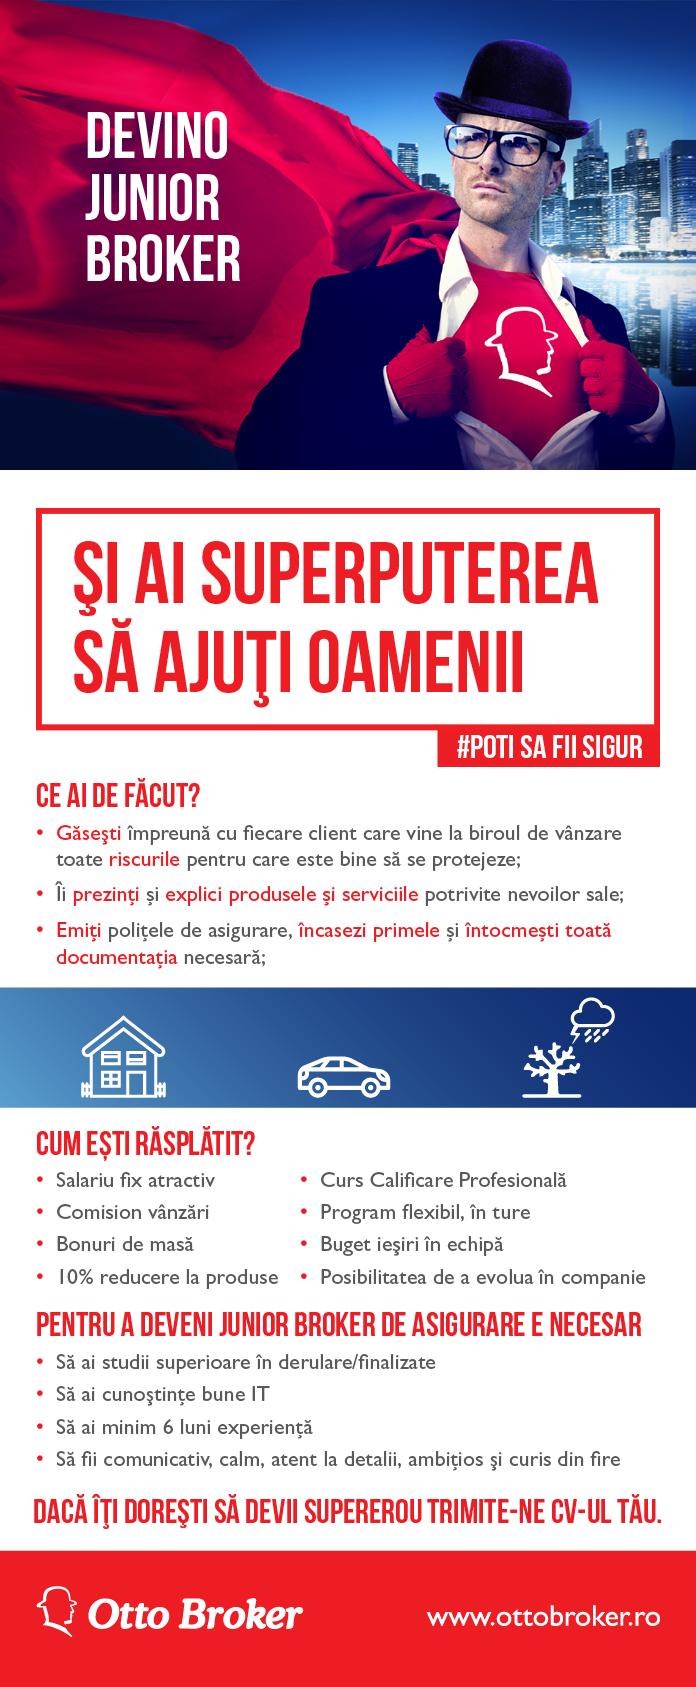 Cine suntem noi?  Suntem primul broker de asigurari autorizat din Romania, cu o experienta de 17 ani in domeniu. Echipa Otto Broker numara acum 130 de angajati proprii, cu o medie de varsta de 25 de ani. Avem 130.000 de clienti, 2 divizii de vanzare: retail si corporate, o retea teritoriala formata din 30 de birouri de vanzare in toata tara si oferim servicii premium in asigurari pentru 400 de companii. Suntem cel mai mare operator de brokeraj de asigurari retail in centre comerciale, fiind partener Carrefour & Cora. Clientii Diviziei Corporate sunt in general, reprezentati ai unor companii romanesti de dimensiuni medii si mari, dar gestionam si riscuri pentru companii multinationale prezente in Romania. In afara de faptul ca ne facem treaba bine, ne place sa ne si distram!